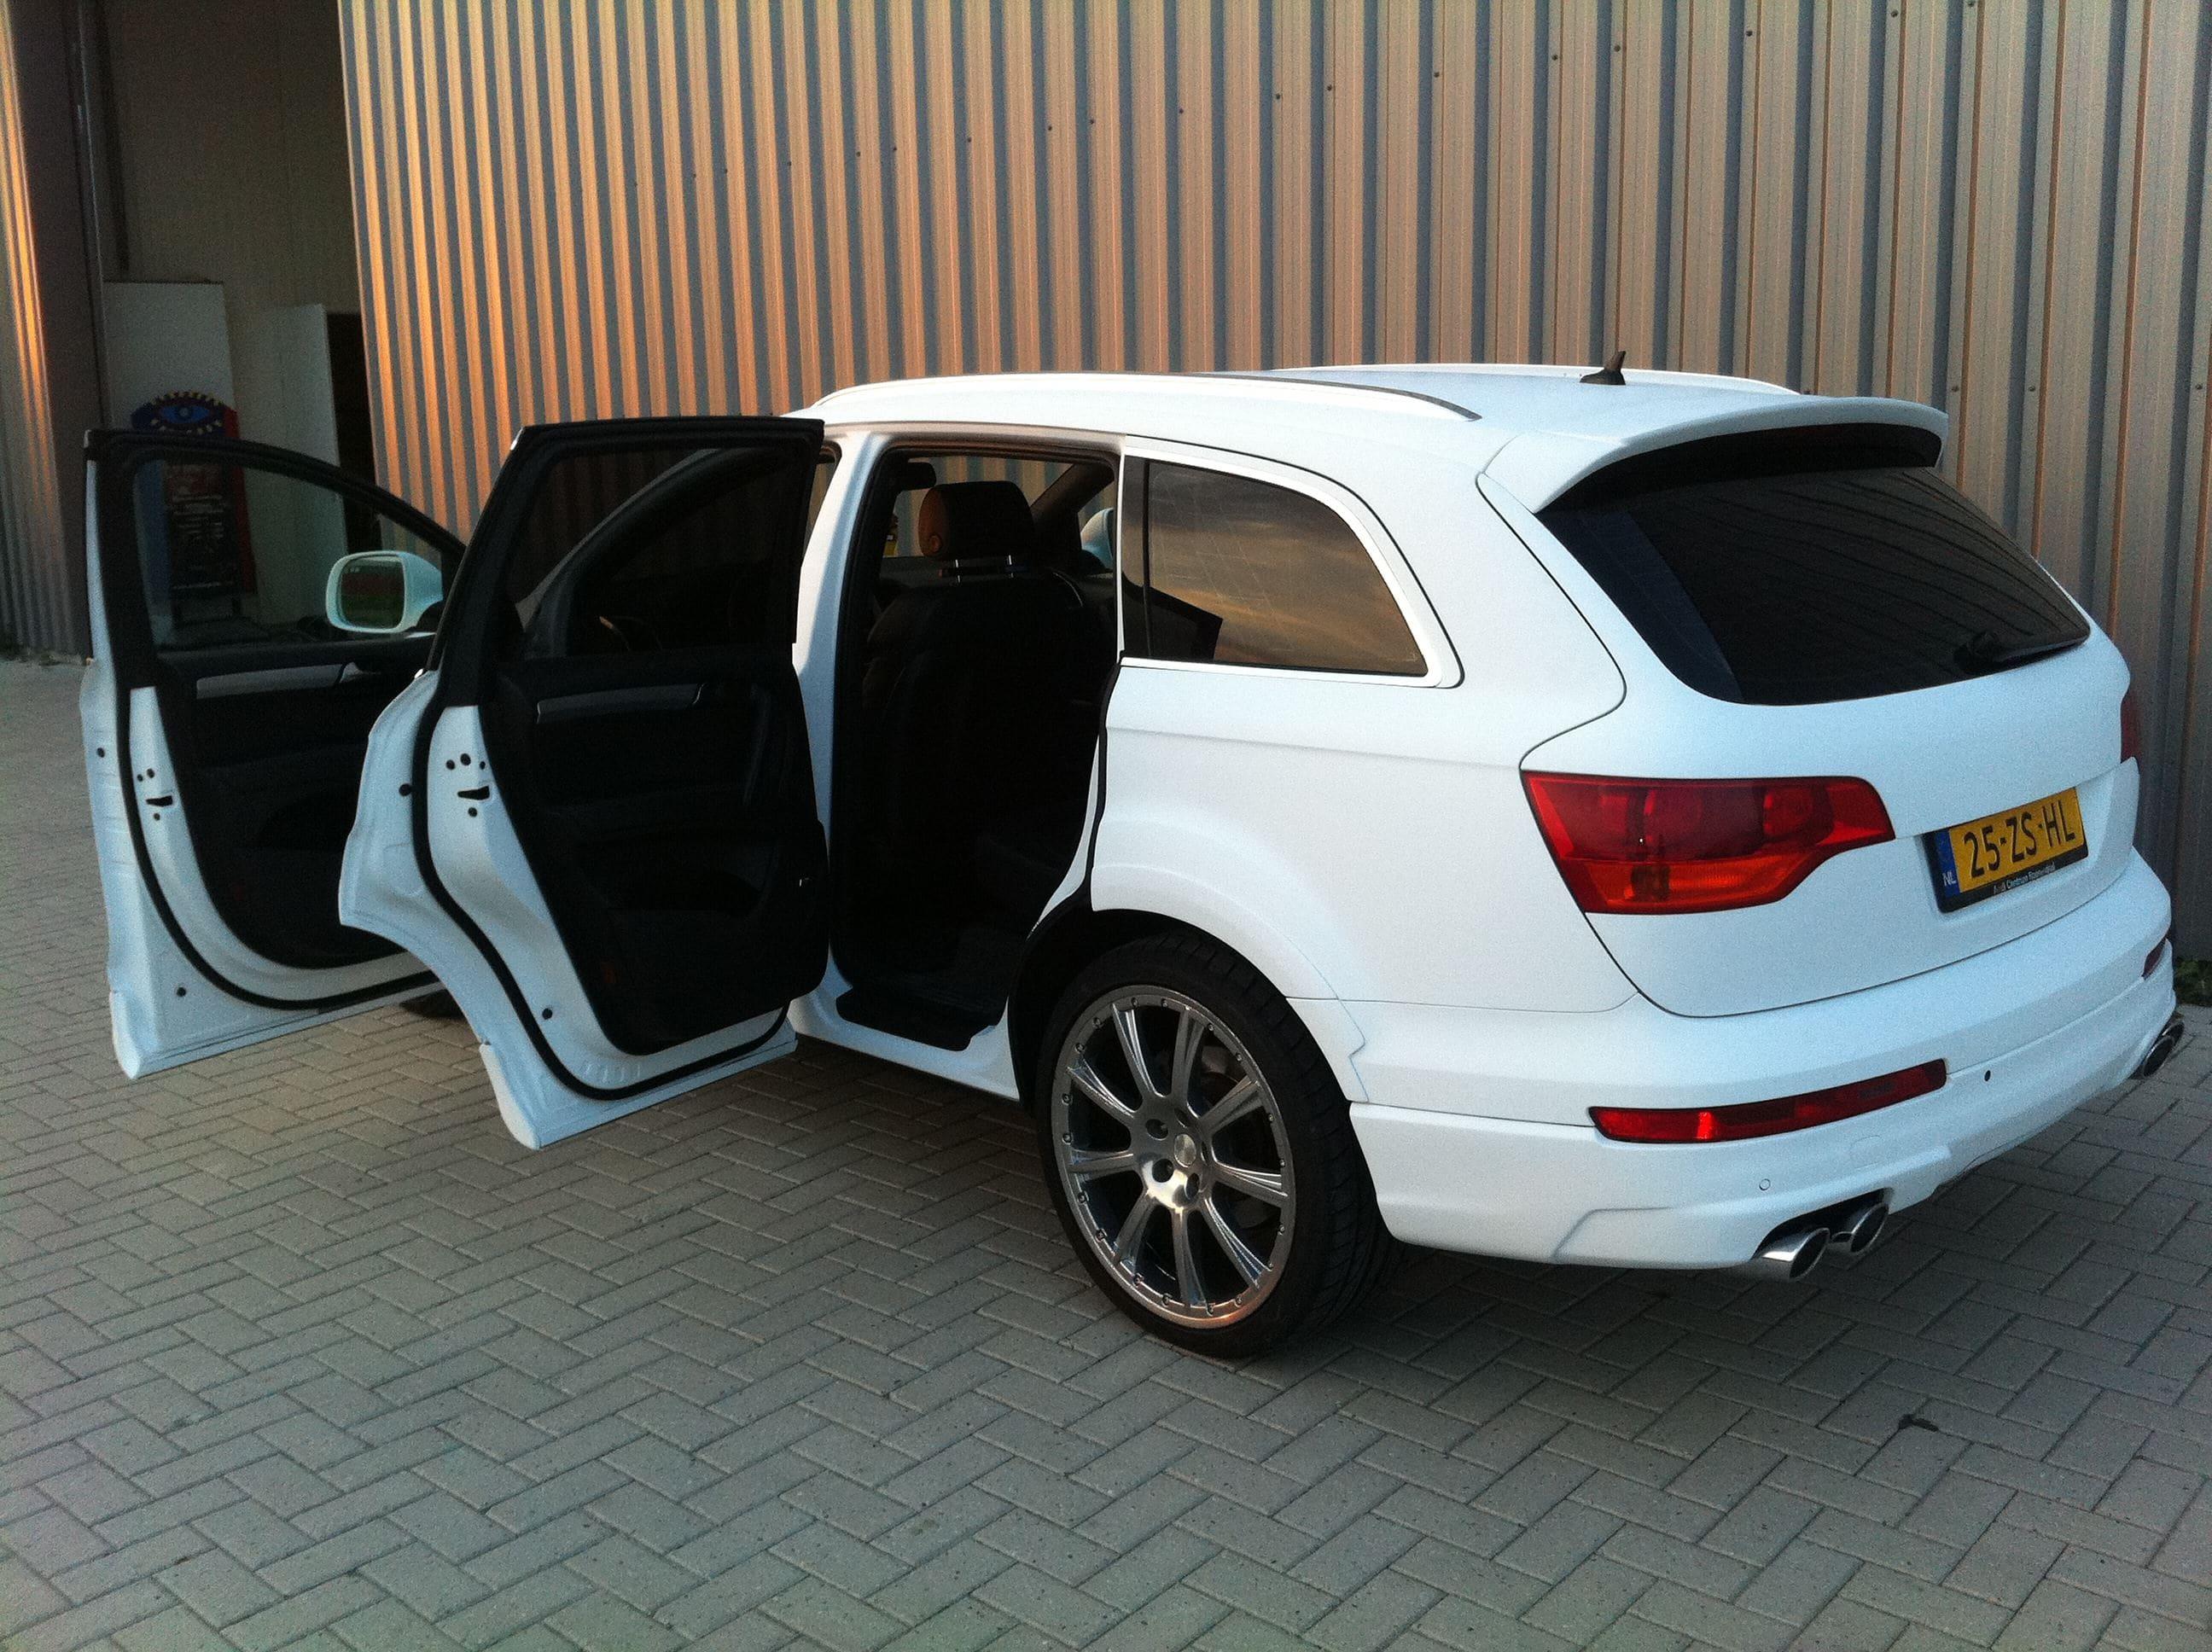 Audi Q7 met Mat Witte Wrap, Carwrapping door Wrapmyride.nu Foto-nr:4928, ©2021